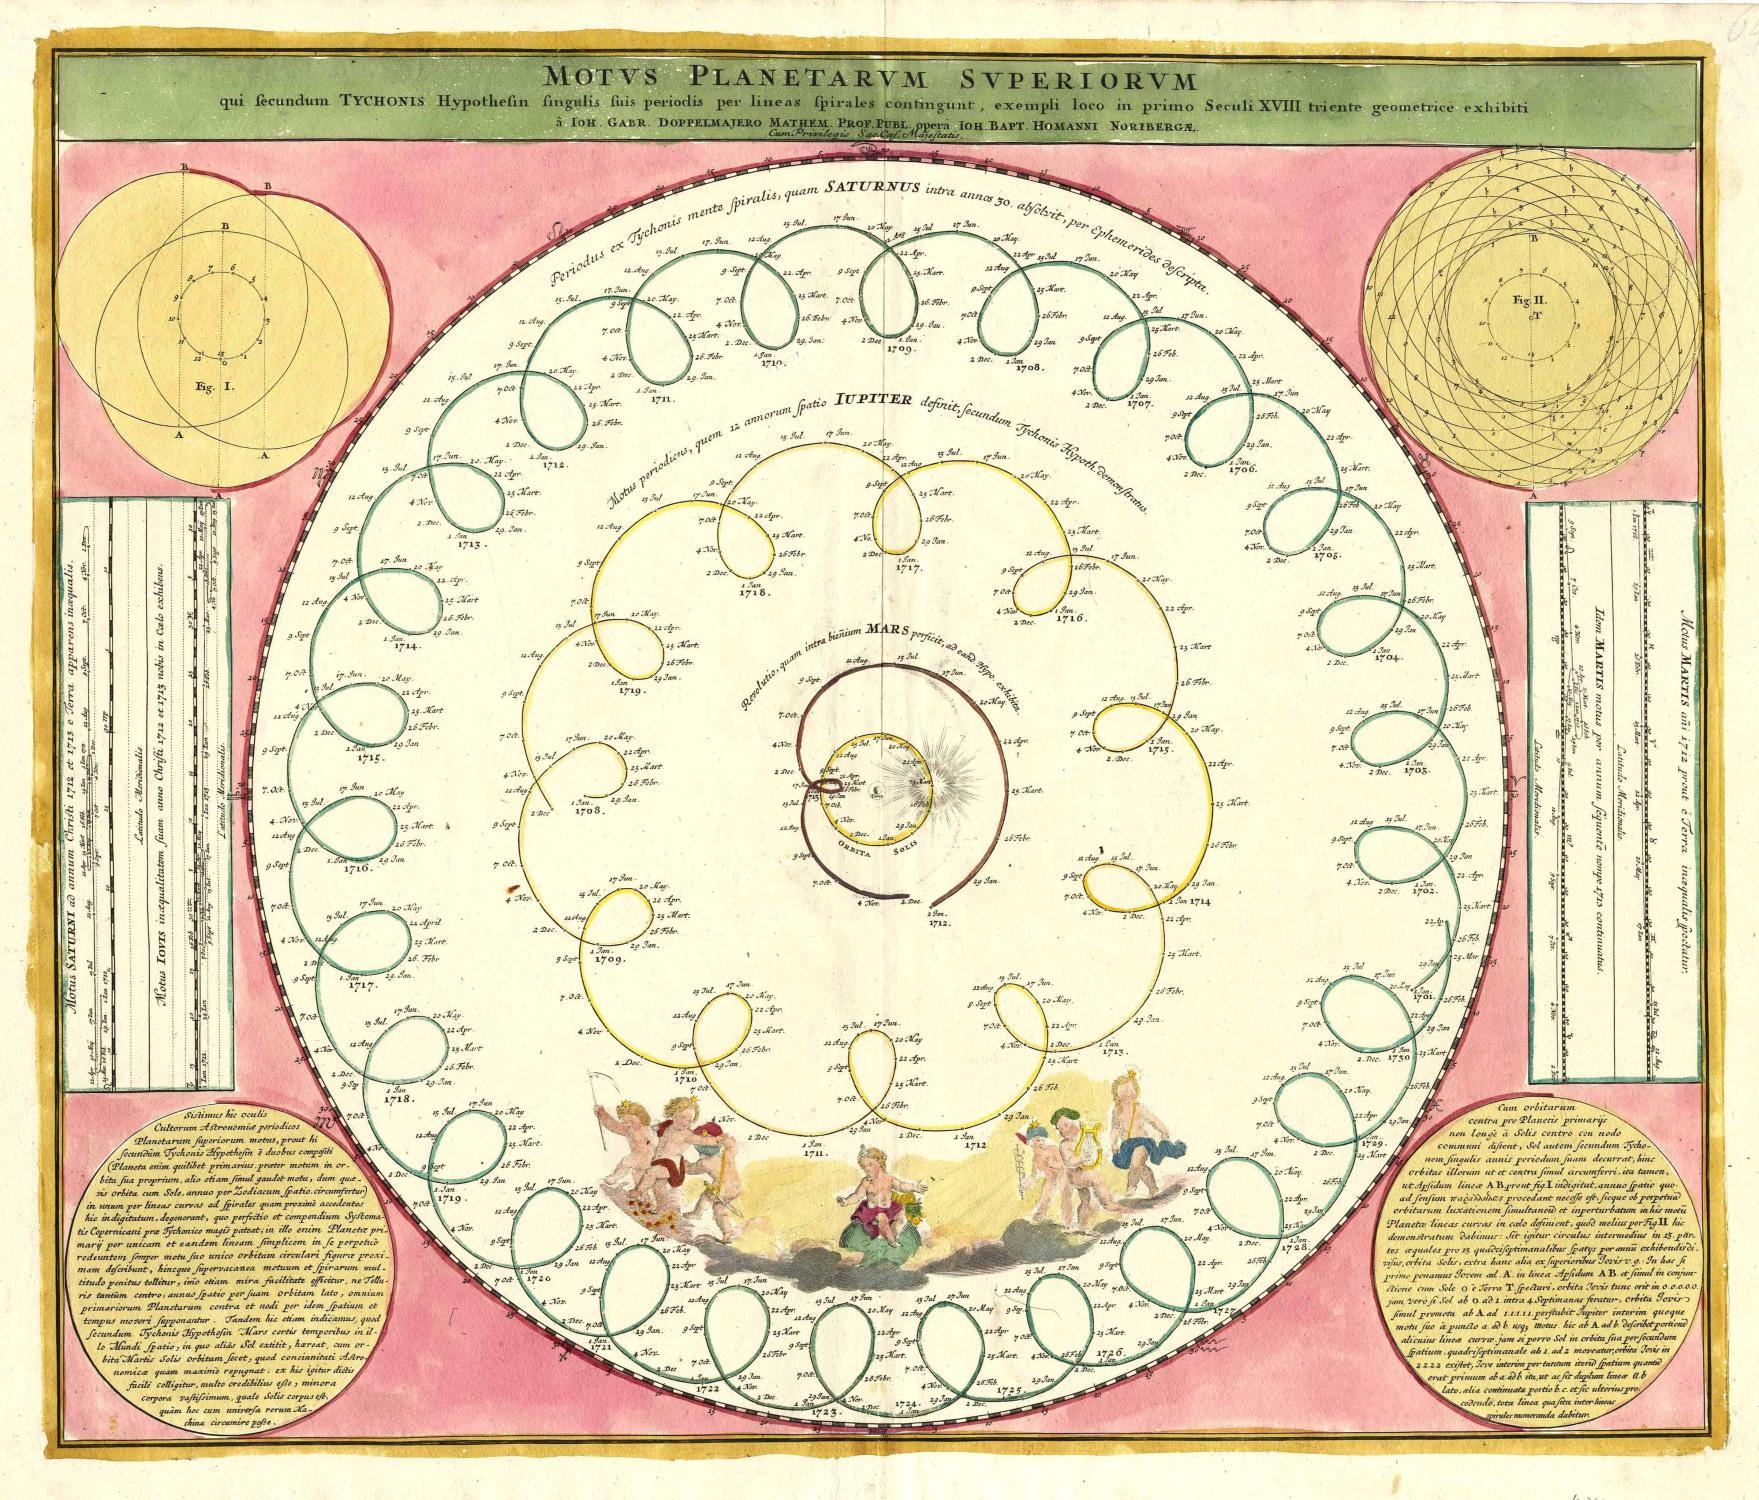 Motus Planetarum Superiorum qui secundum Tychonis Hypothesin singulis per lineas spirales exempli loco in primo Seculi XVIII triente geometricè exhibiti â Ioh. Gabr. Doppelmajero